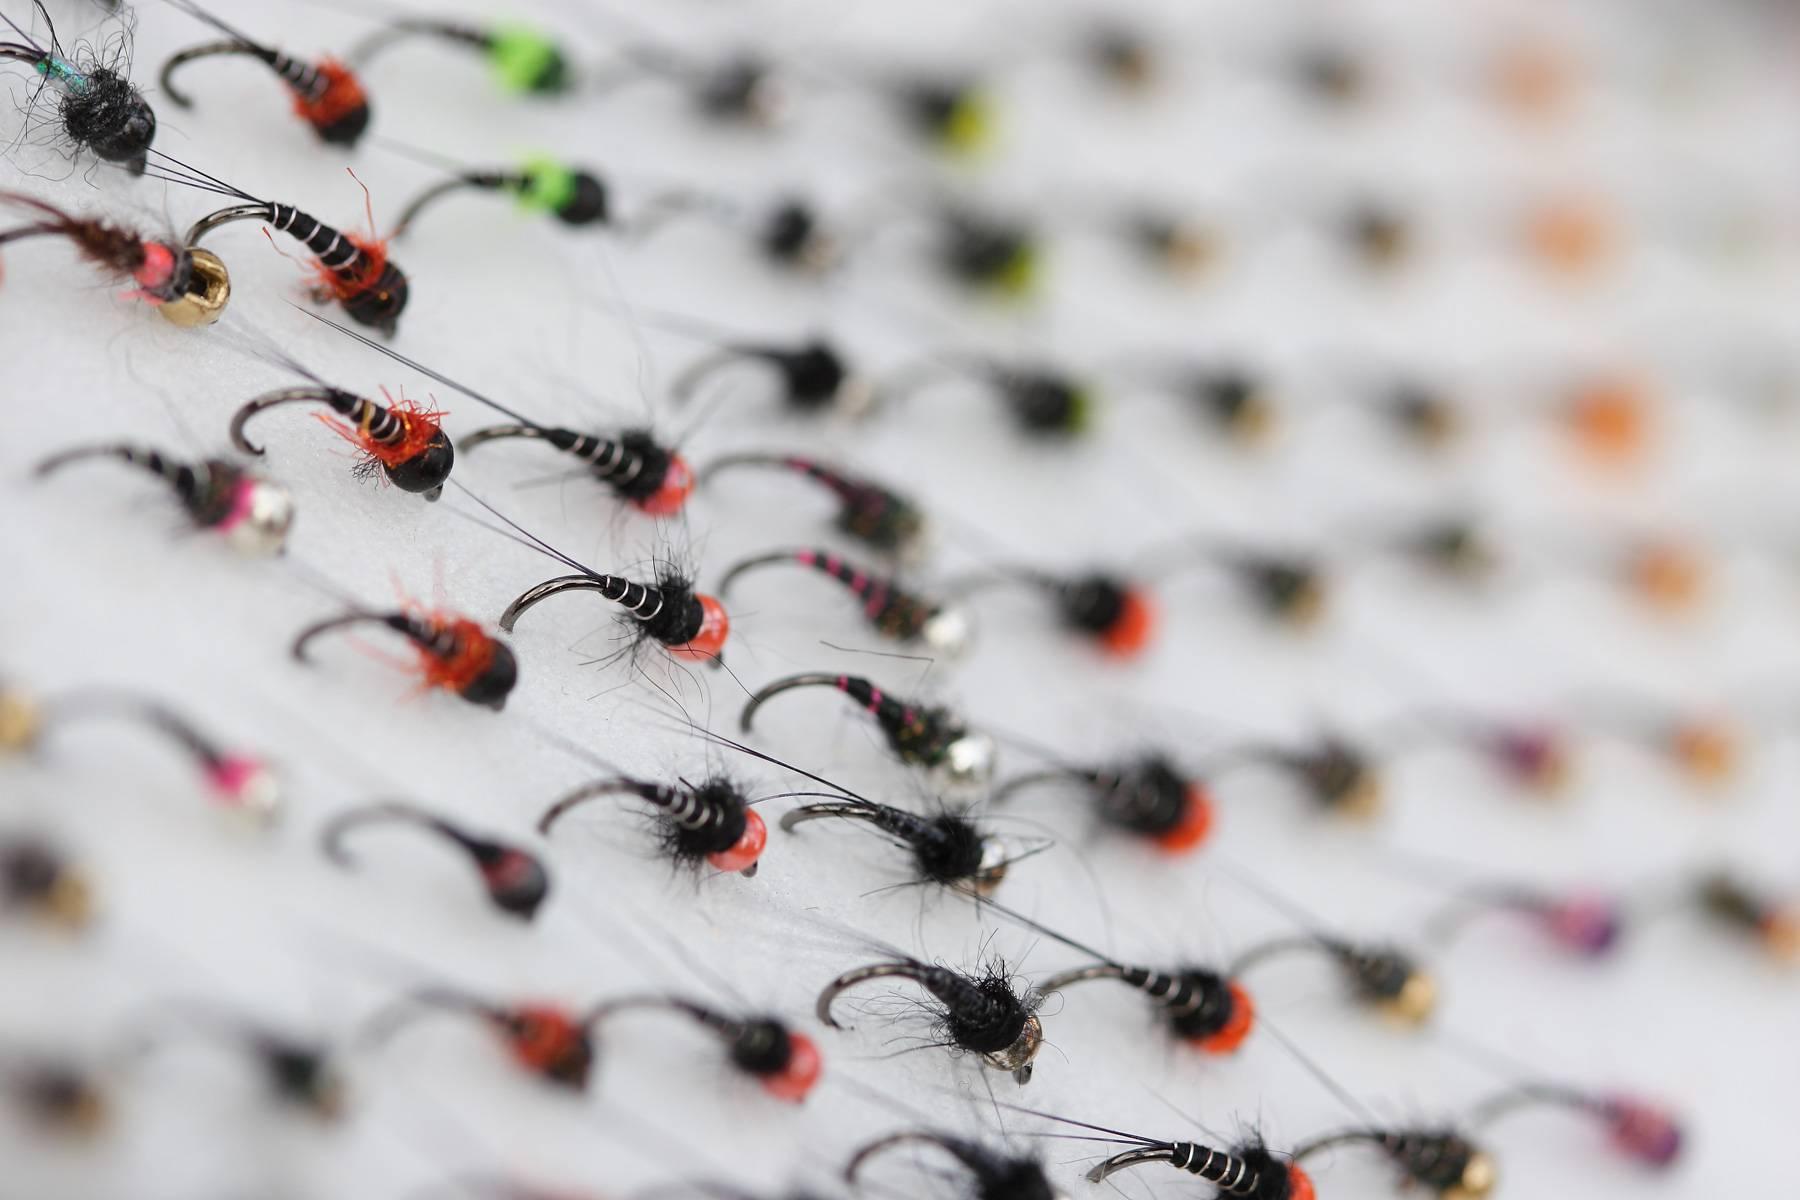 Донные снасти для ловли рыбы: 10 самых уловистых донных удочек